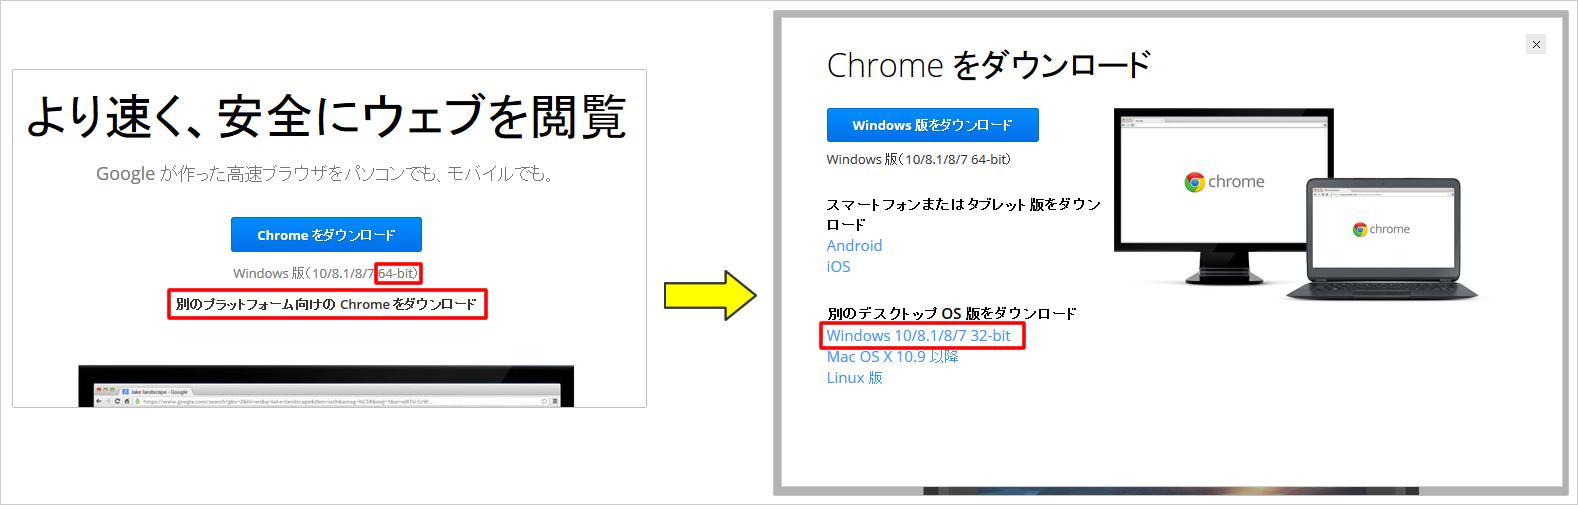 Google Chrome(グーグルクローム)の64bit版について イメージ